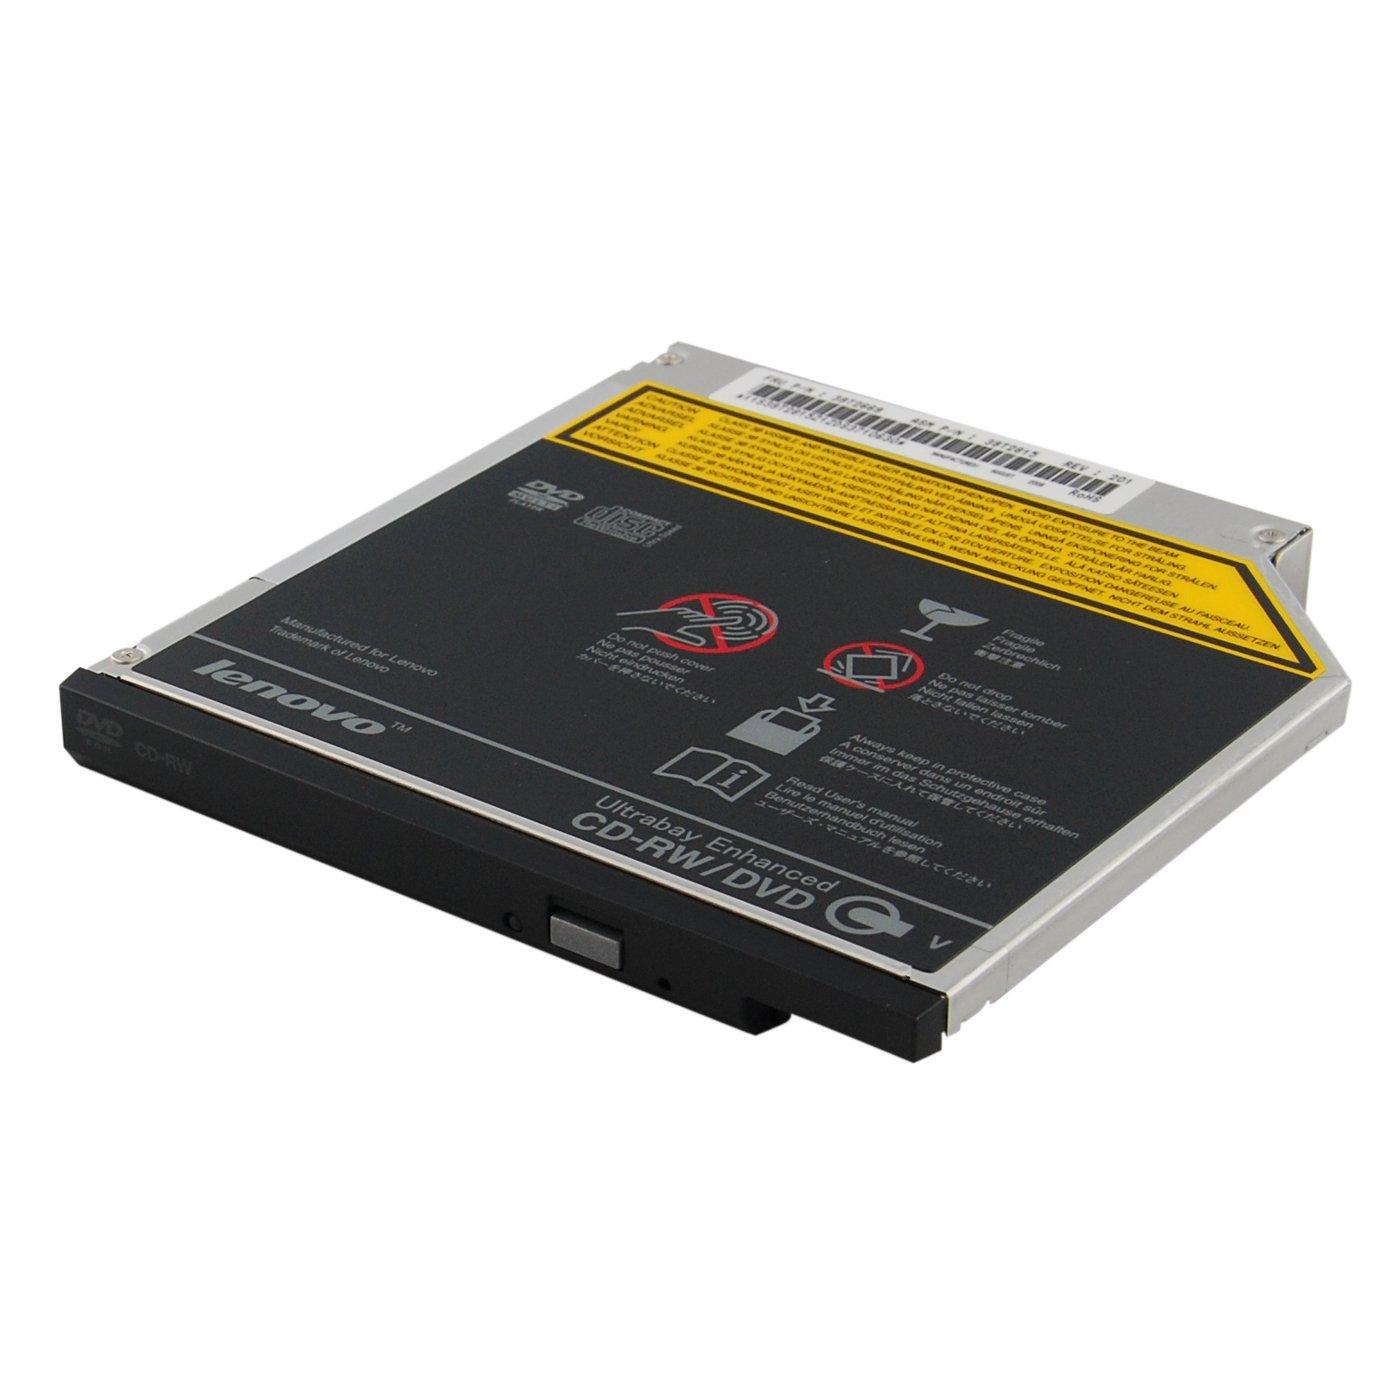 CD-RW/DVD Drive for IBM Lenovo Thinkpad Z60 Z61 R60 R60E R61 39T2669